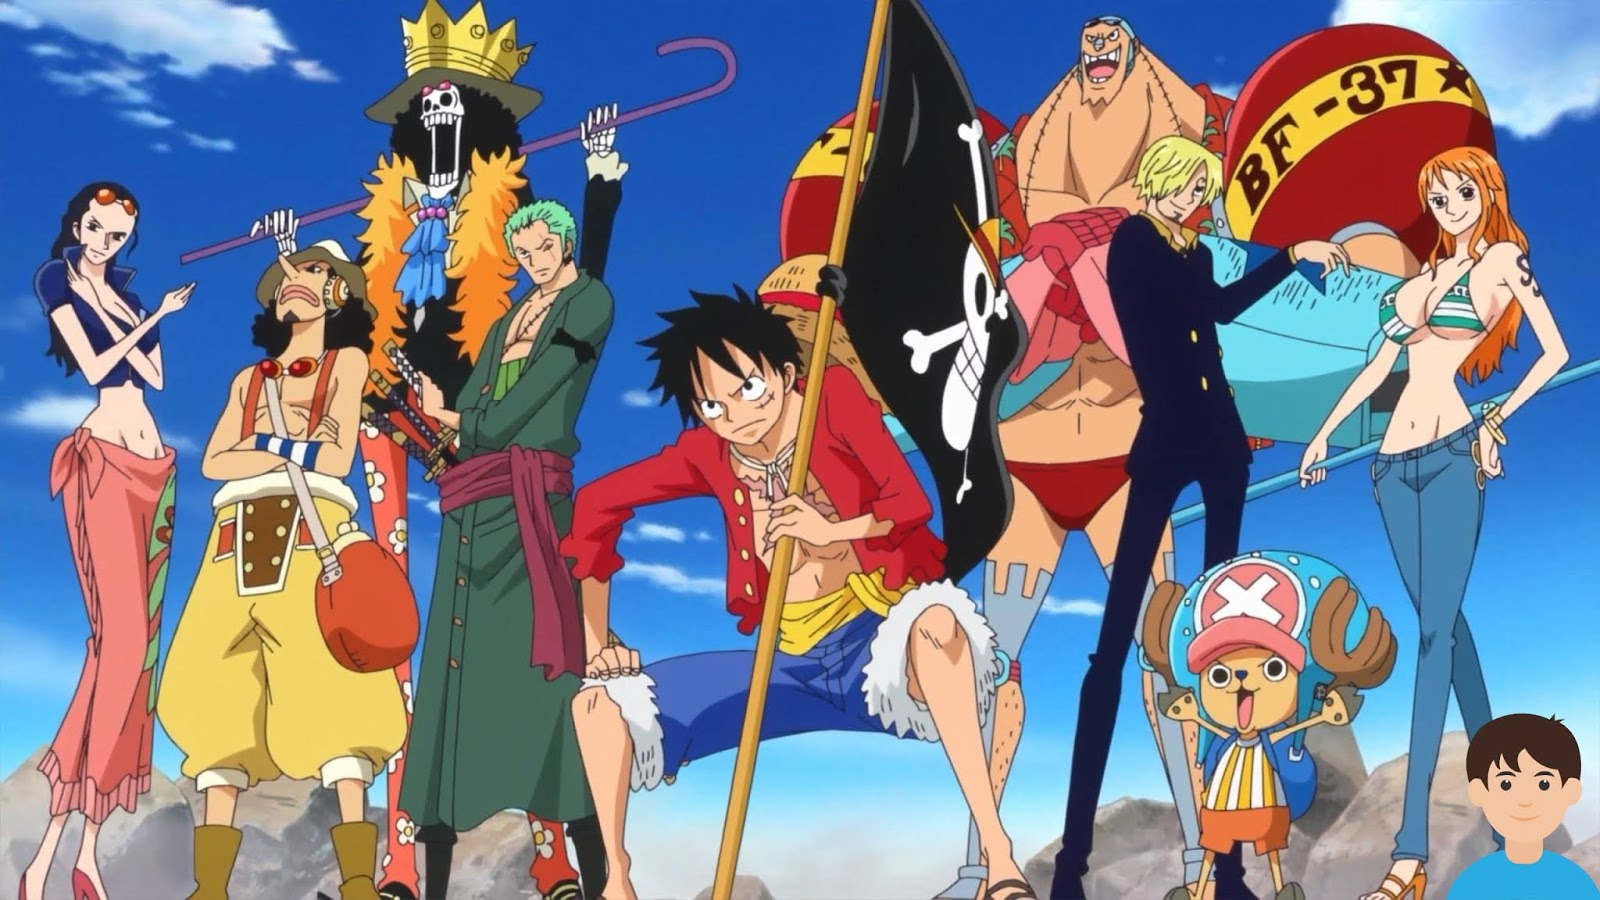 أنمي ون بيس الحلقة 930 One Piece سلي وقتك